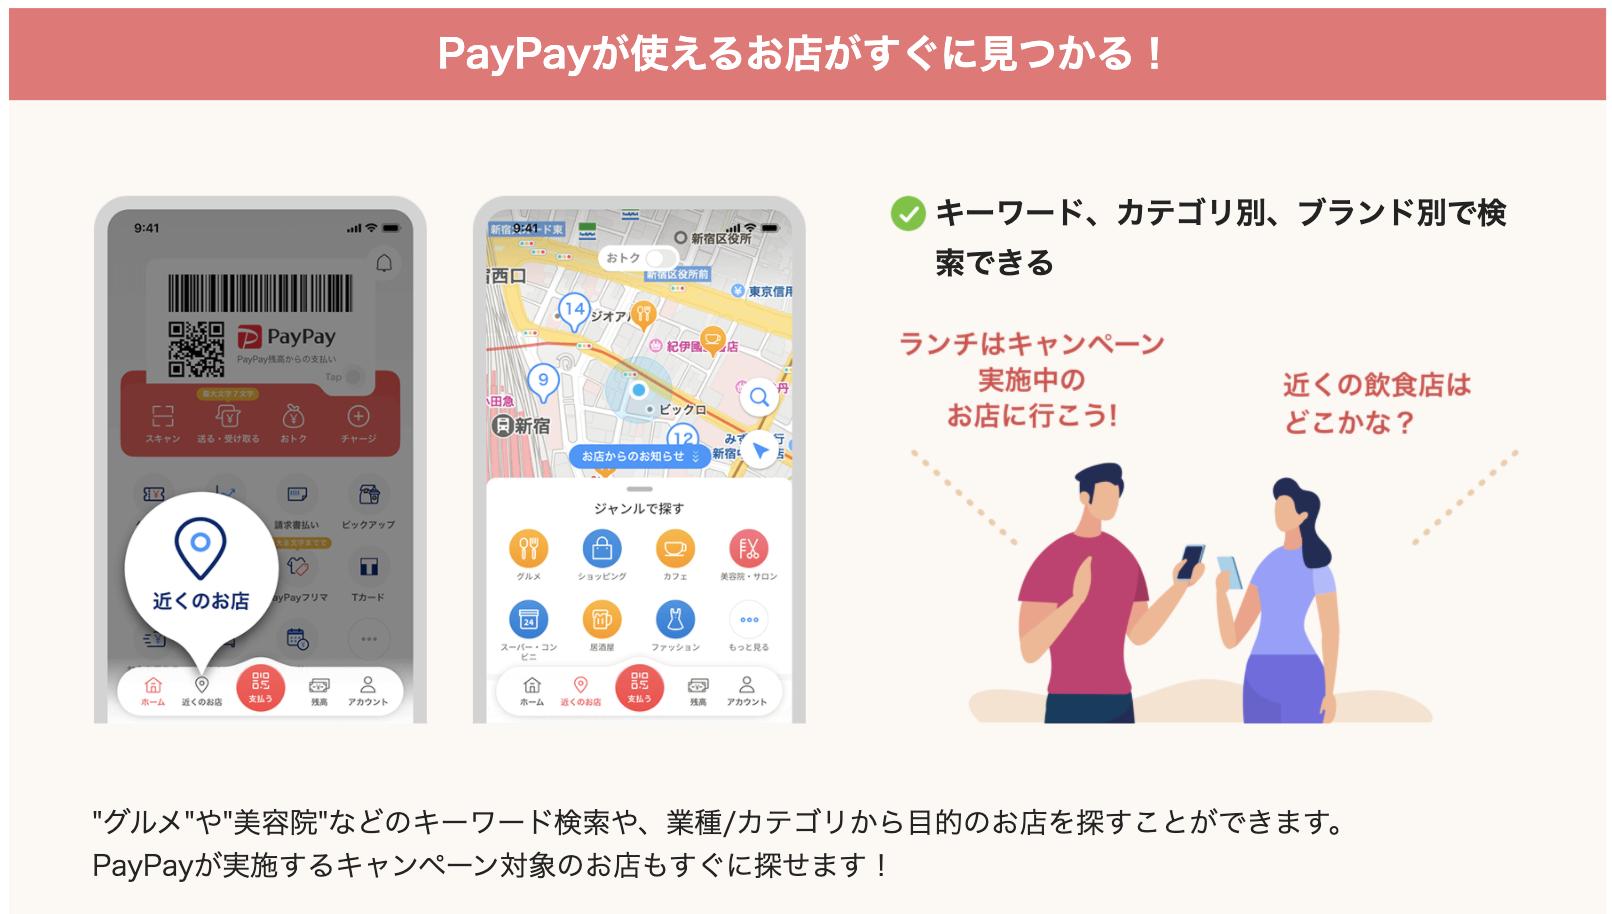 PayPay加盟店の探し方